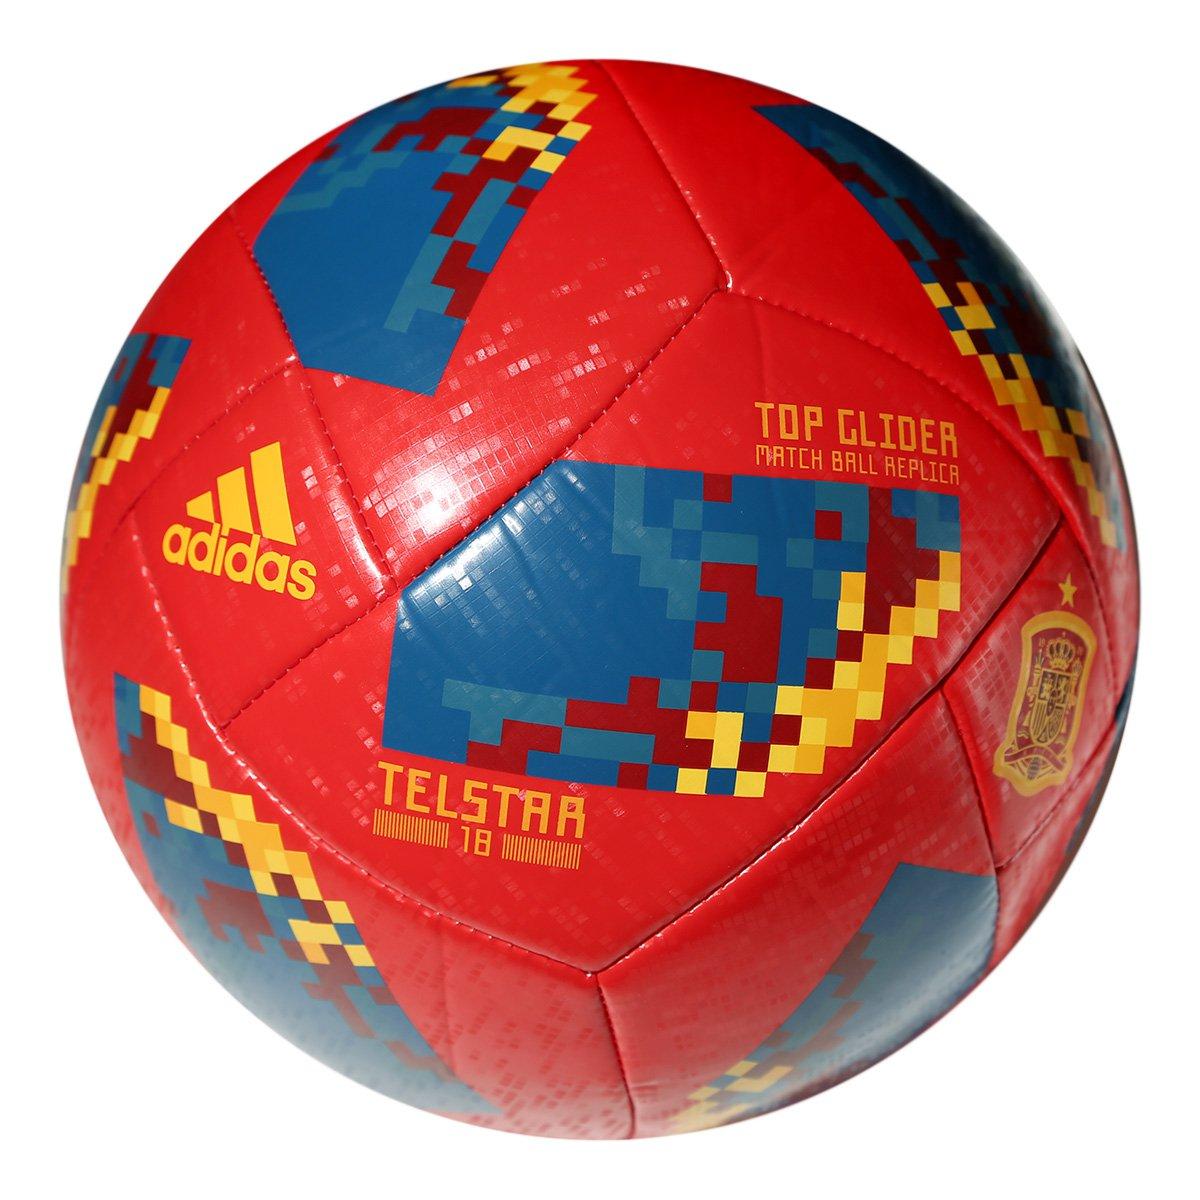 Bola Futebol Campo Adidas Telstar 18 TOP Glider Espanha Copa do Mundo FIFA  ... cc2c4892e64f6